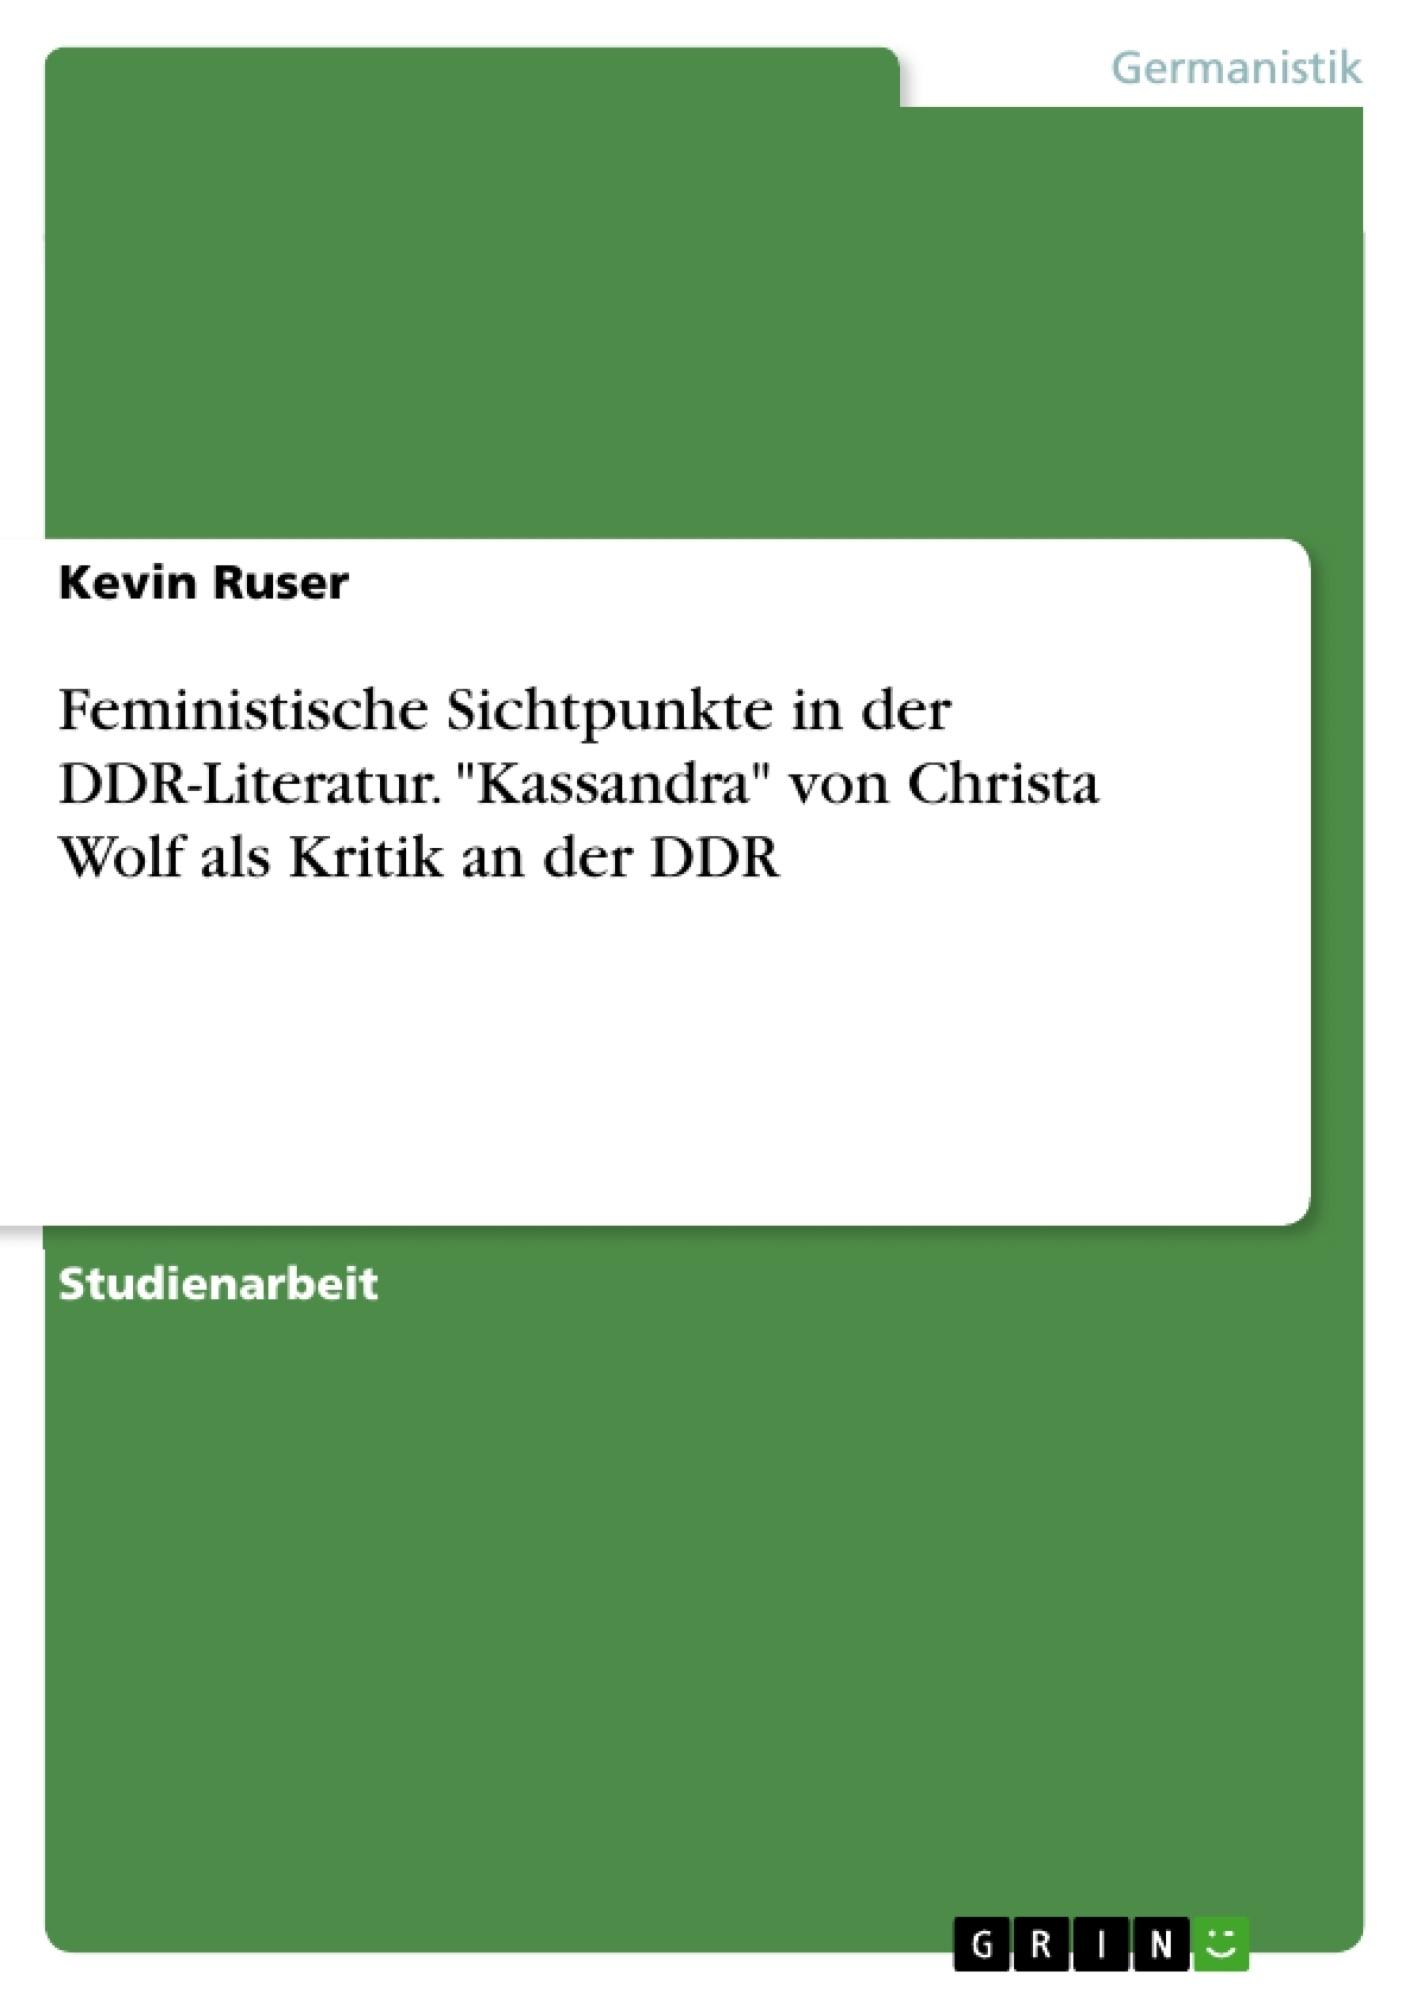 """Titel: Feministische Sichtpunkte in der DDR-Literatur. """"Kassandra"""" von Christa Wolf als Kritik an der DDR"""